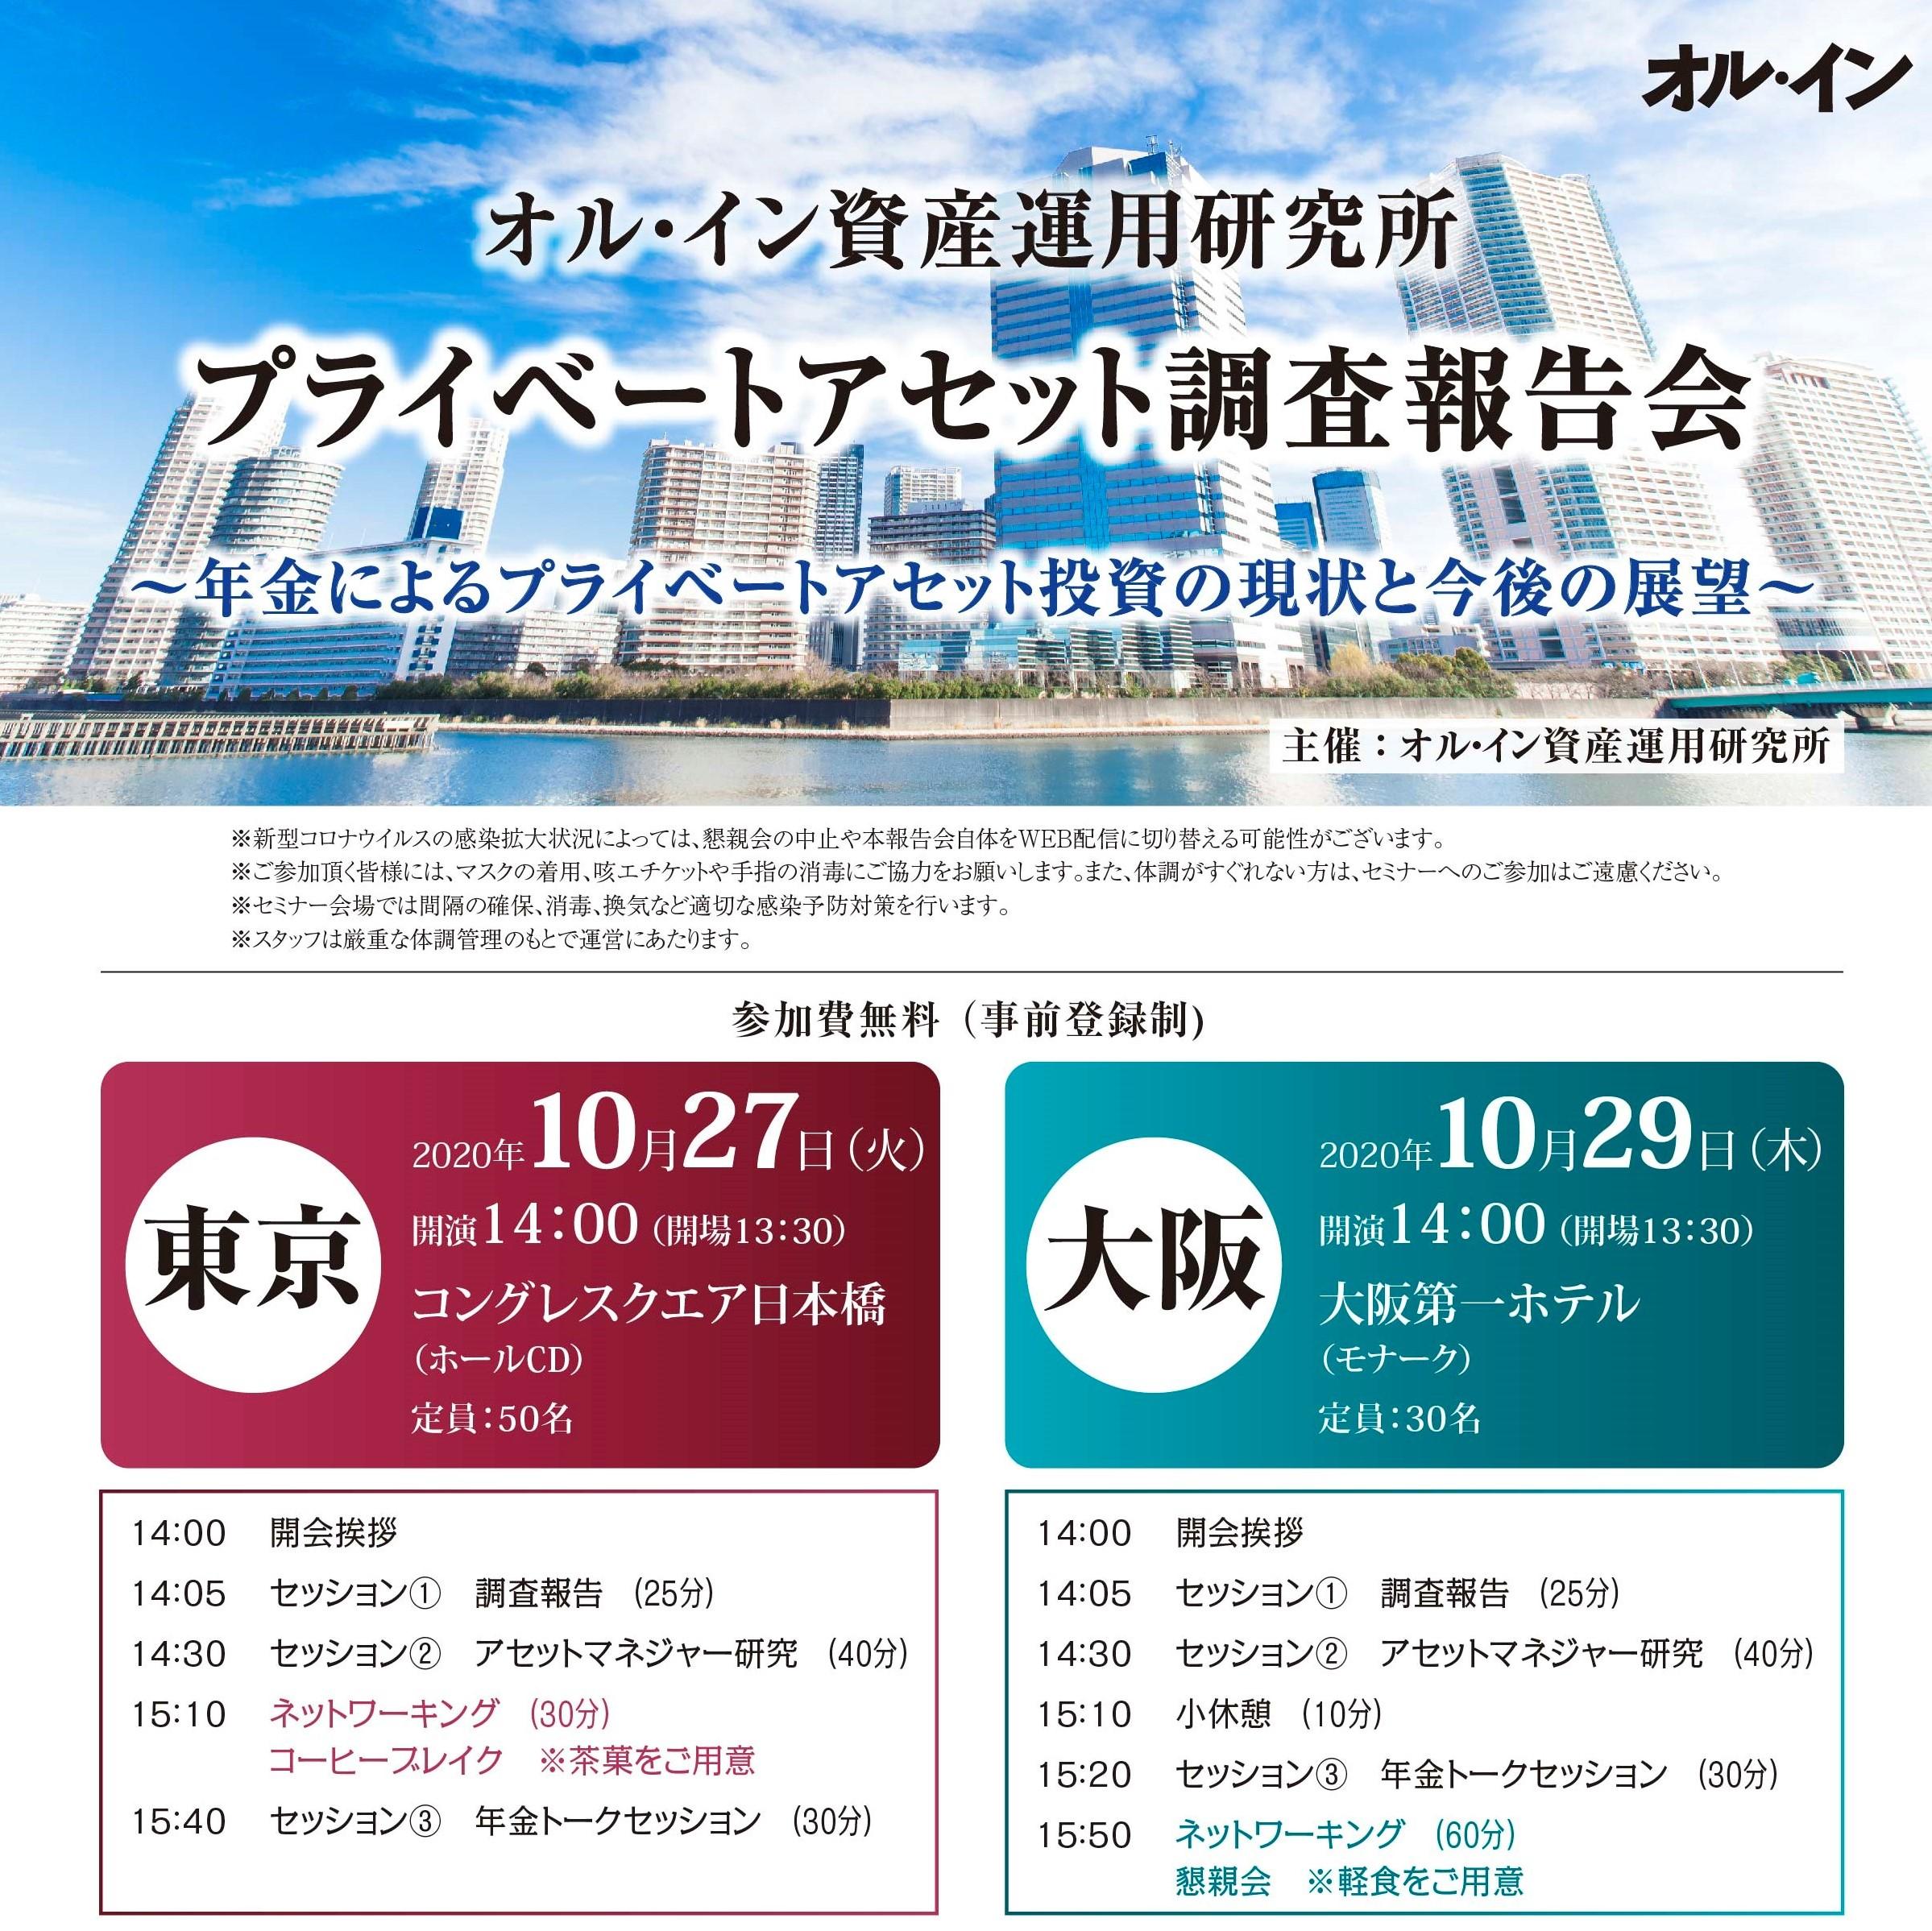 プライベートアセット調査報告会(東京)